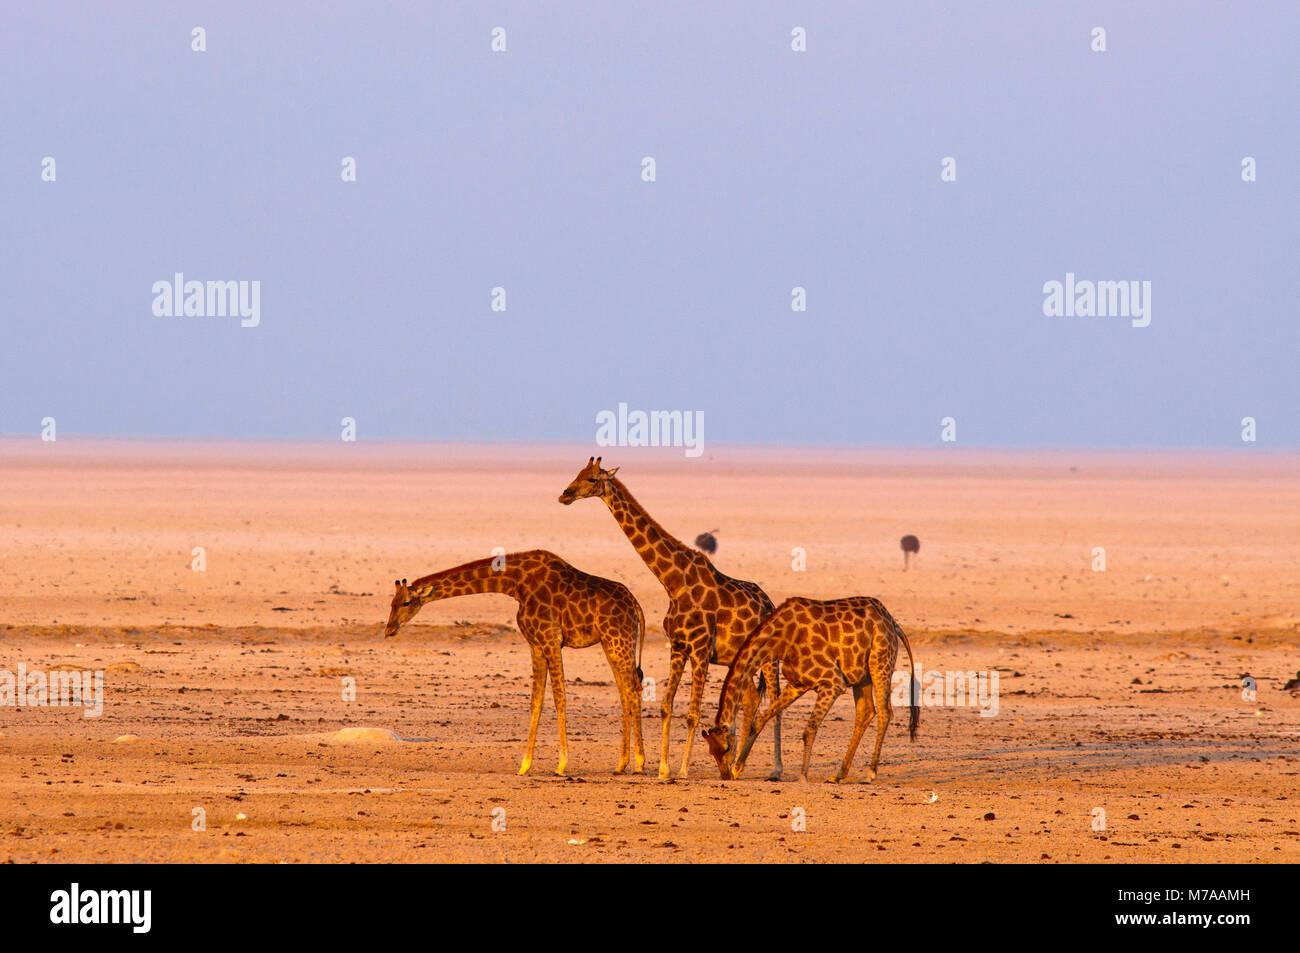 Giraffes and wildebest at Okondeka waterhole, Etosha National Park, Namibia - Stock Image